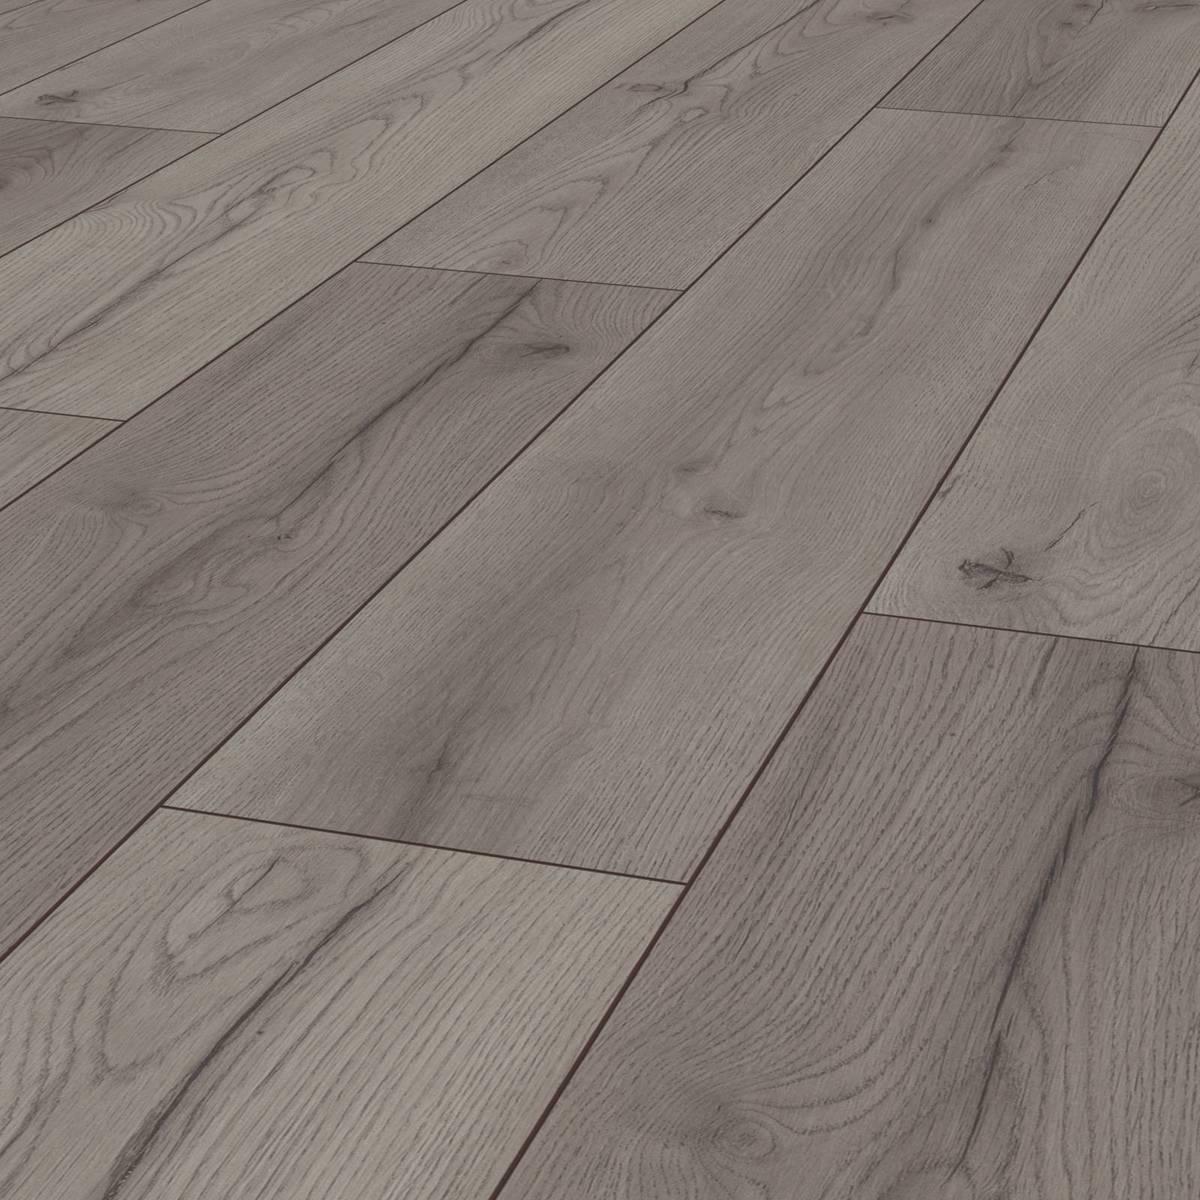 43m² Kronotex Century Oak Grey D4175 7MM Laminaat kopen